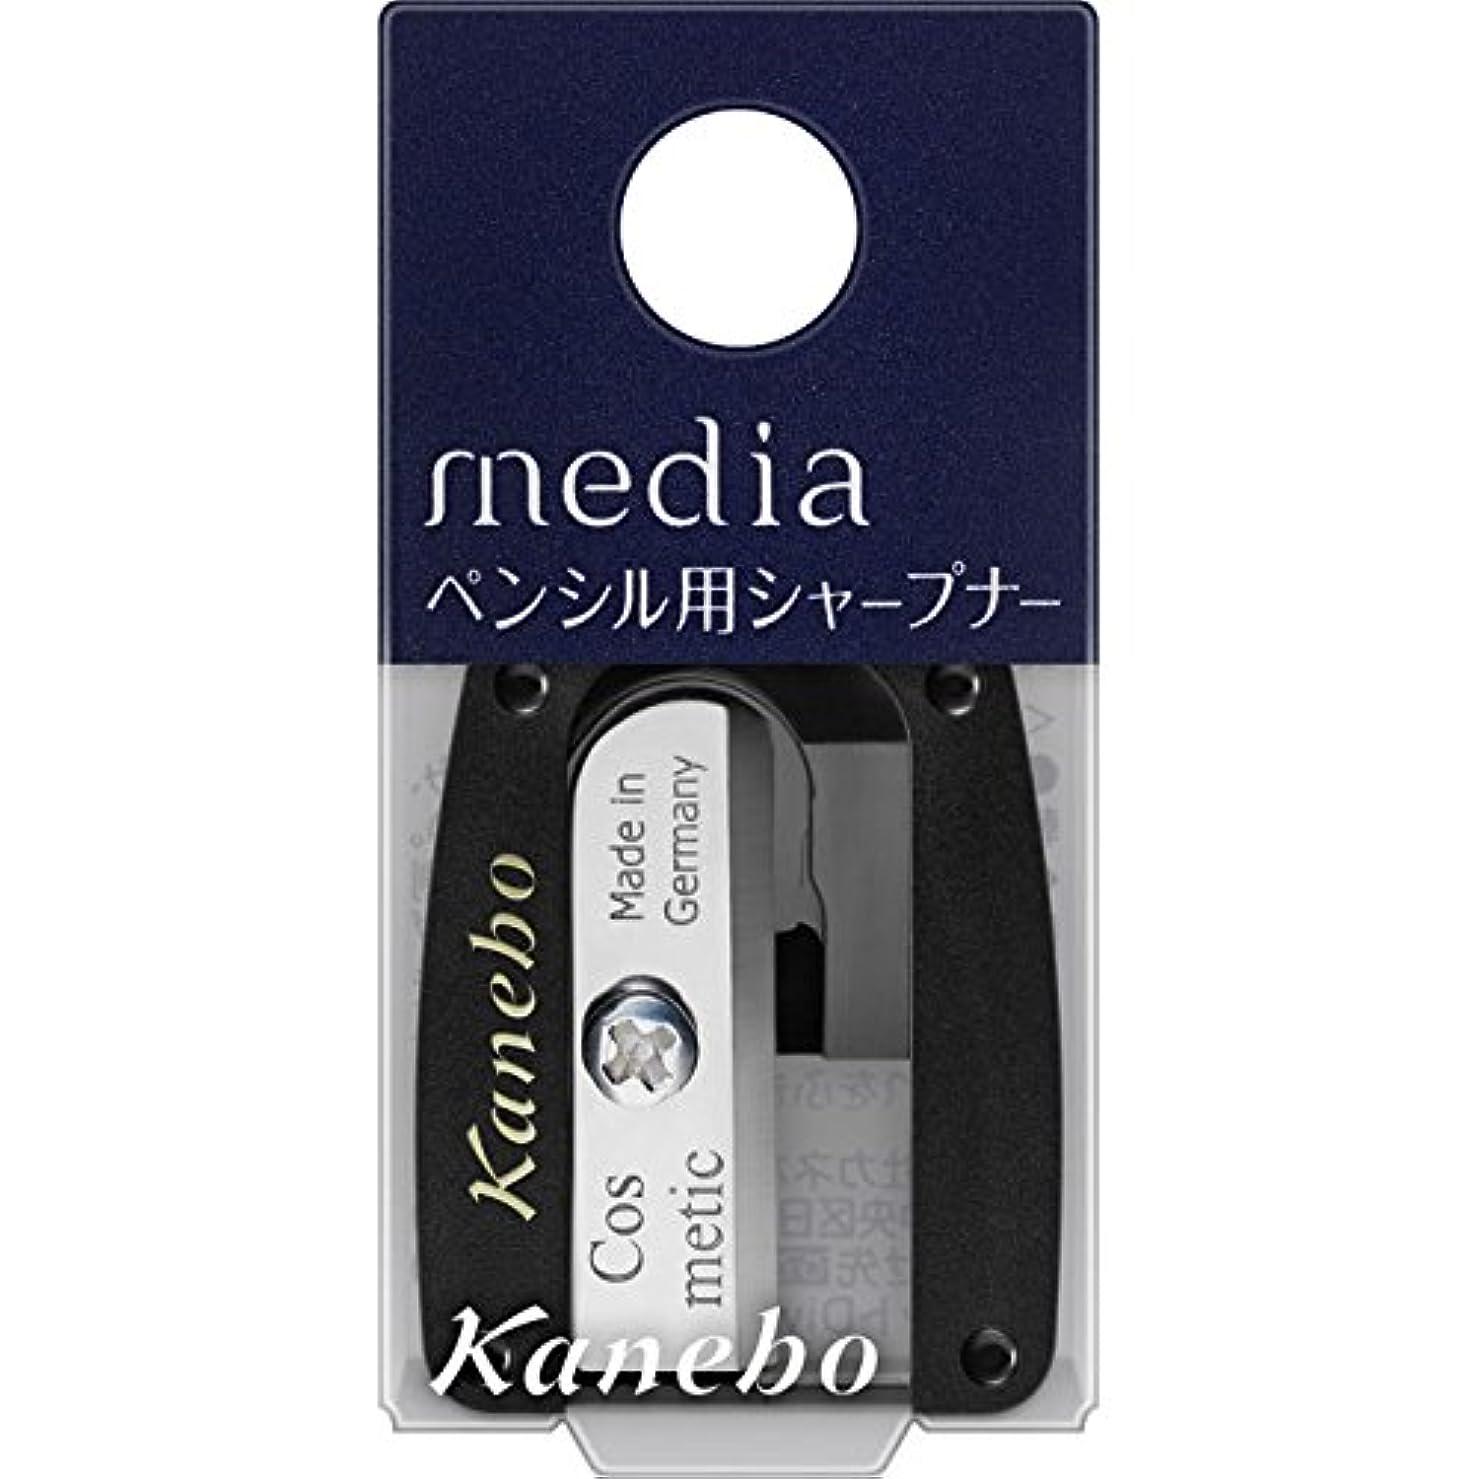 めんどり攻撃恵み【カネボウ】 メディア ペンシル用シャープナー